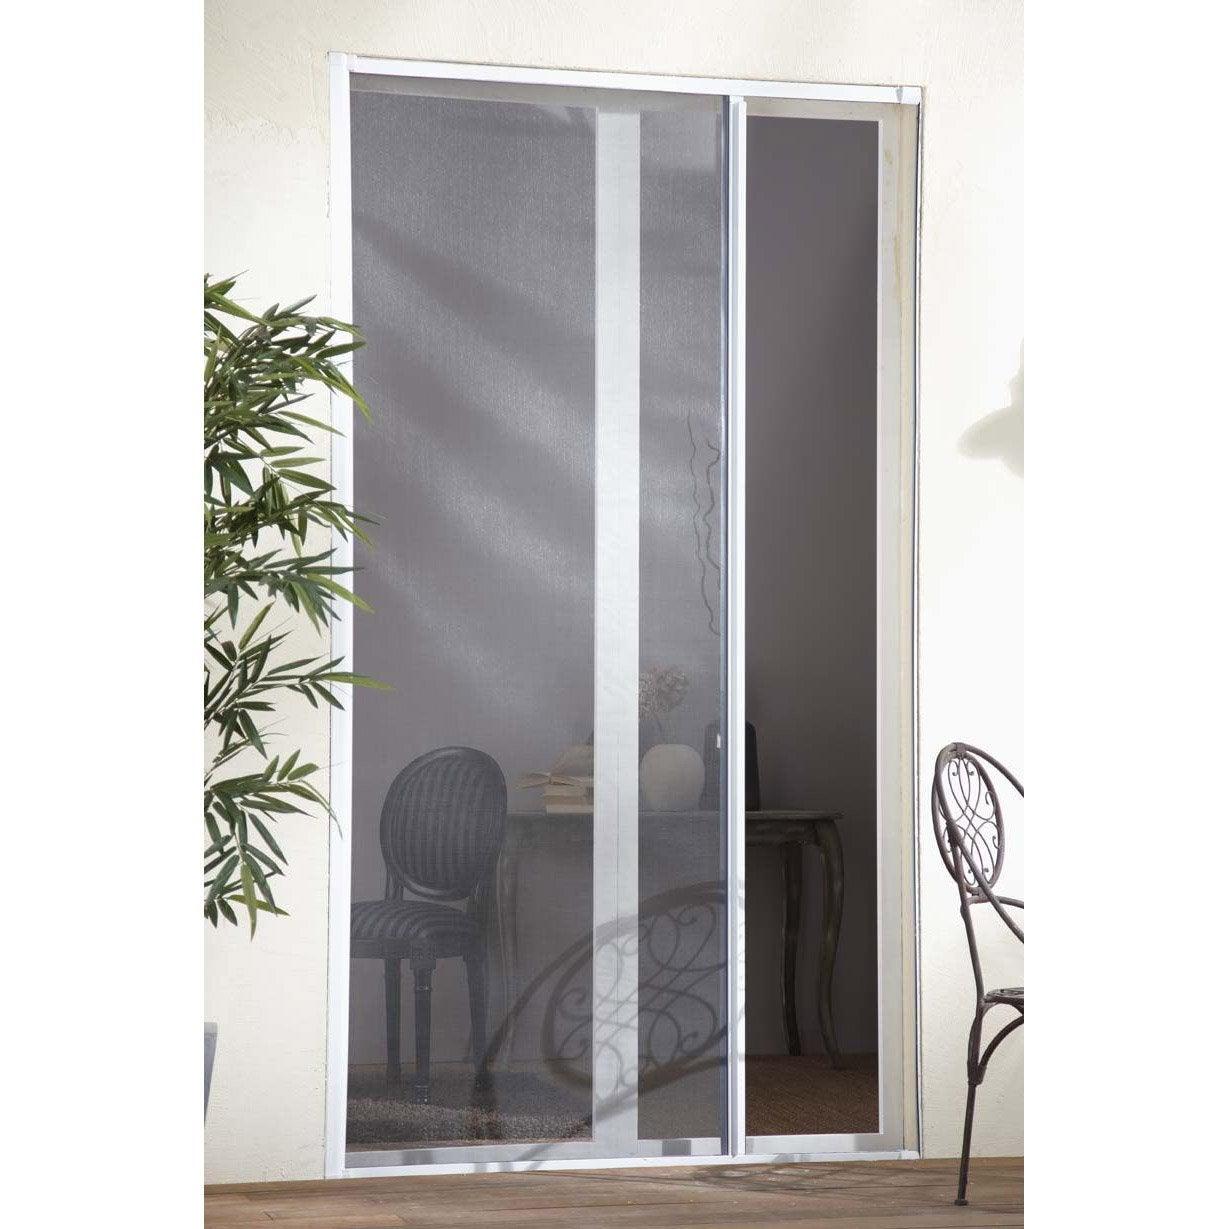 moustiquaire pour porte fen tre enroulement lat ral artens x cm leroy merlin. Black Bedroom Furniture Sets. Home Design Ideas